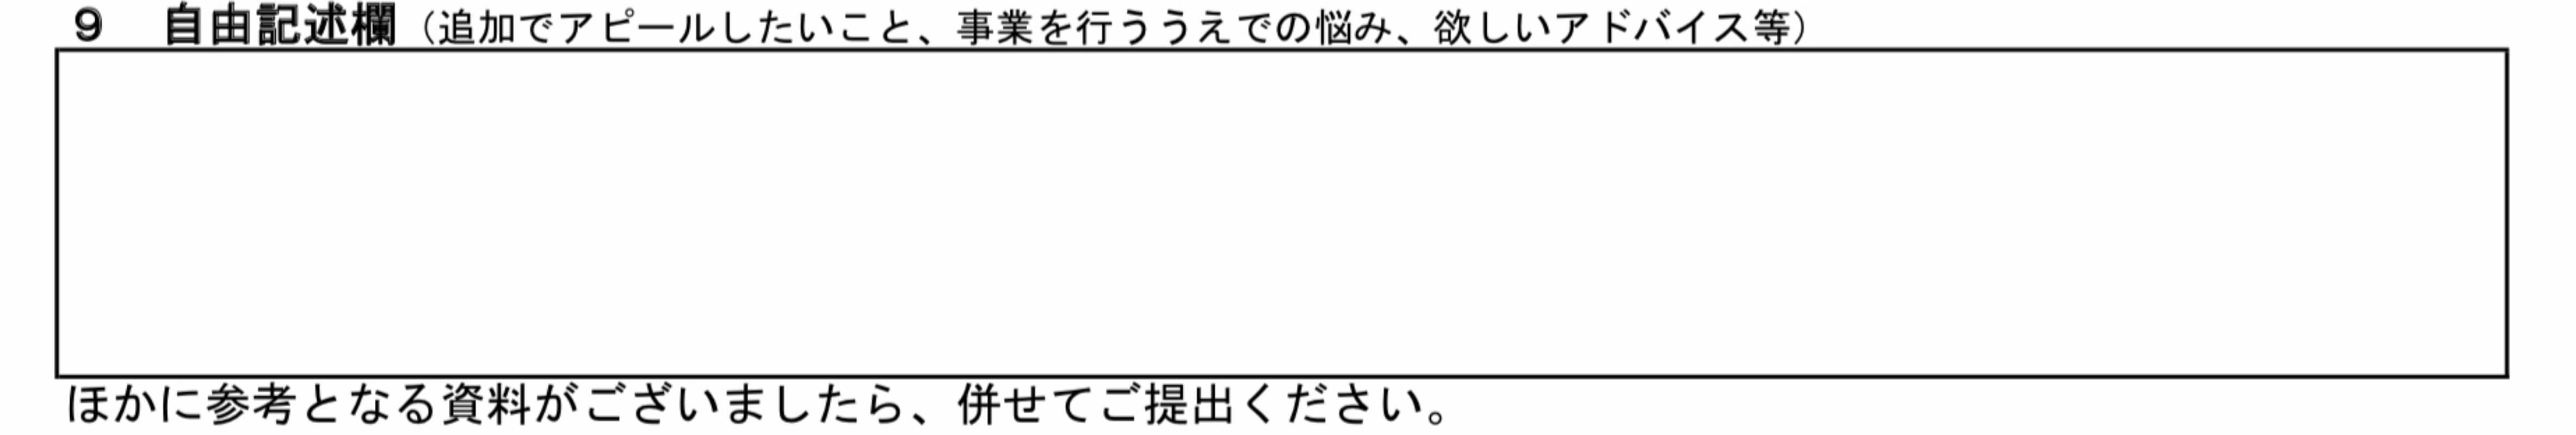 image1(55)